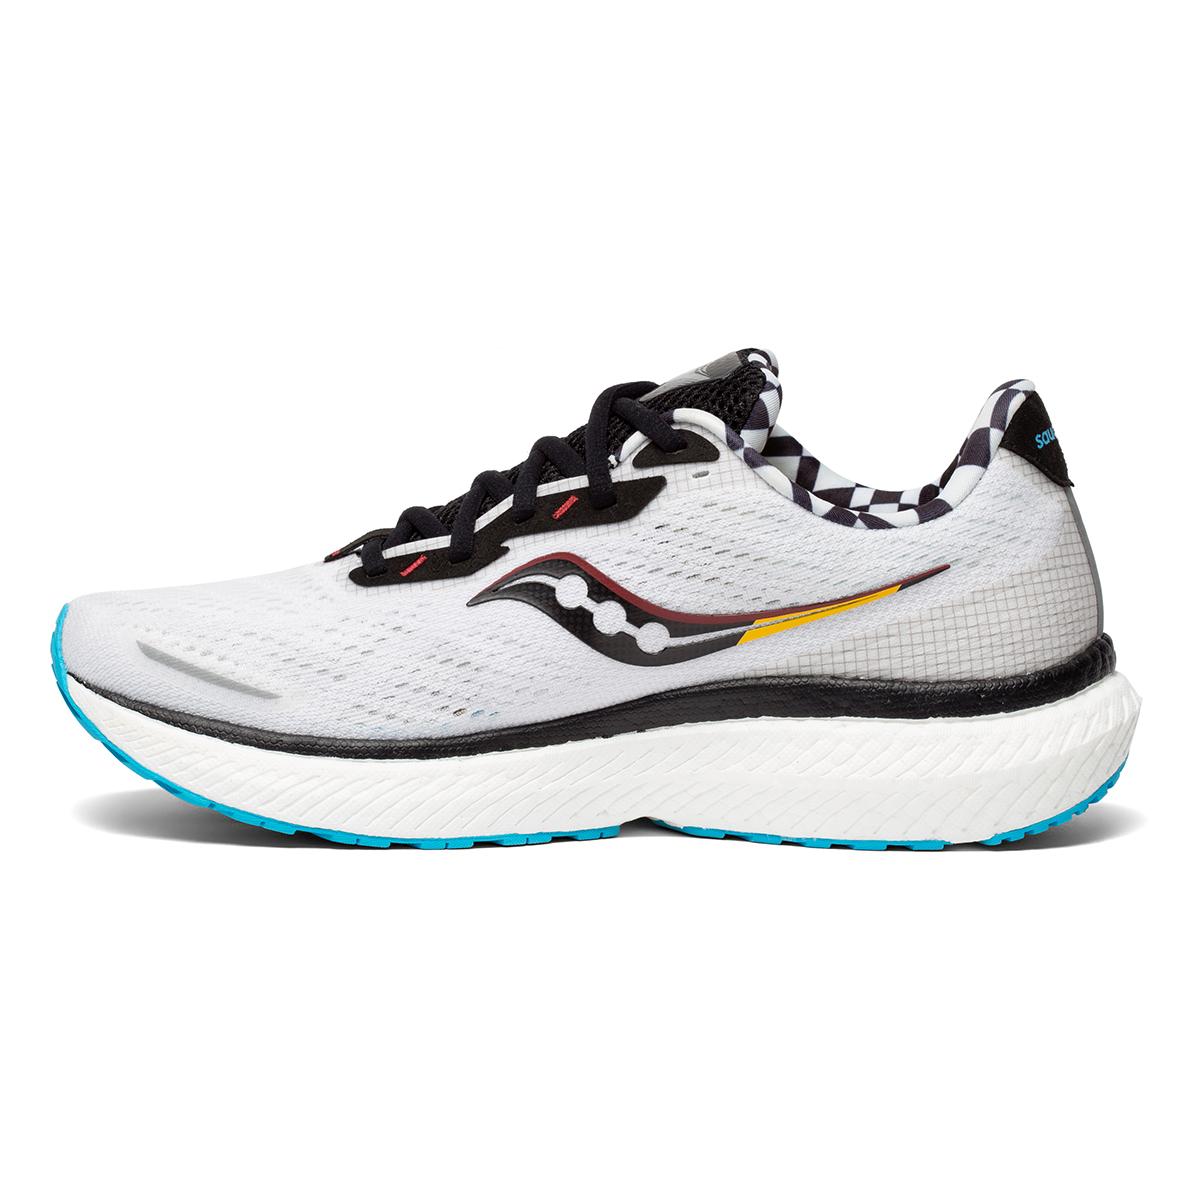 Men's Saucony Triumph 19 Running Shoe - Color: Reverie - Size: 7 - Width: Regular, Reverie, large, image 2